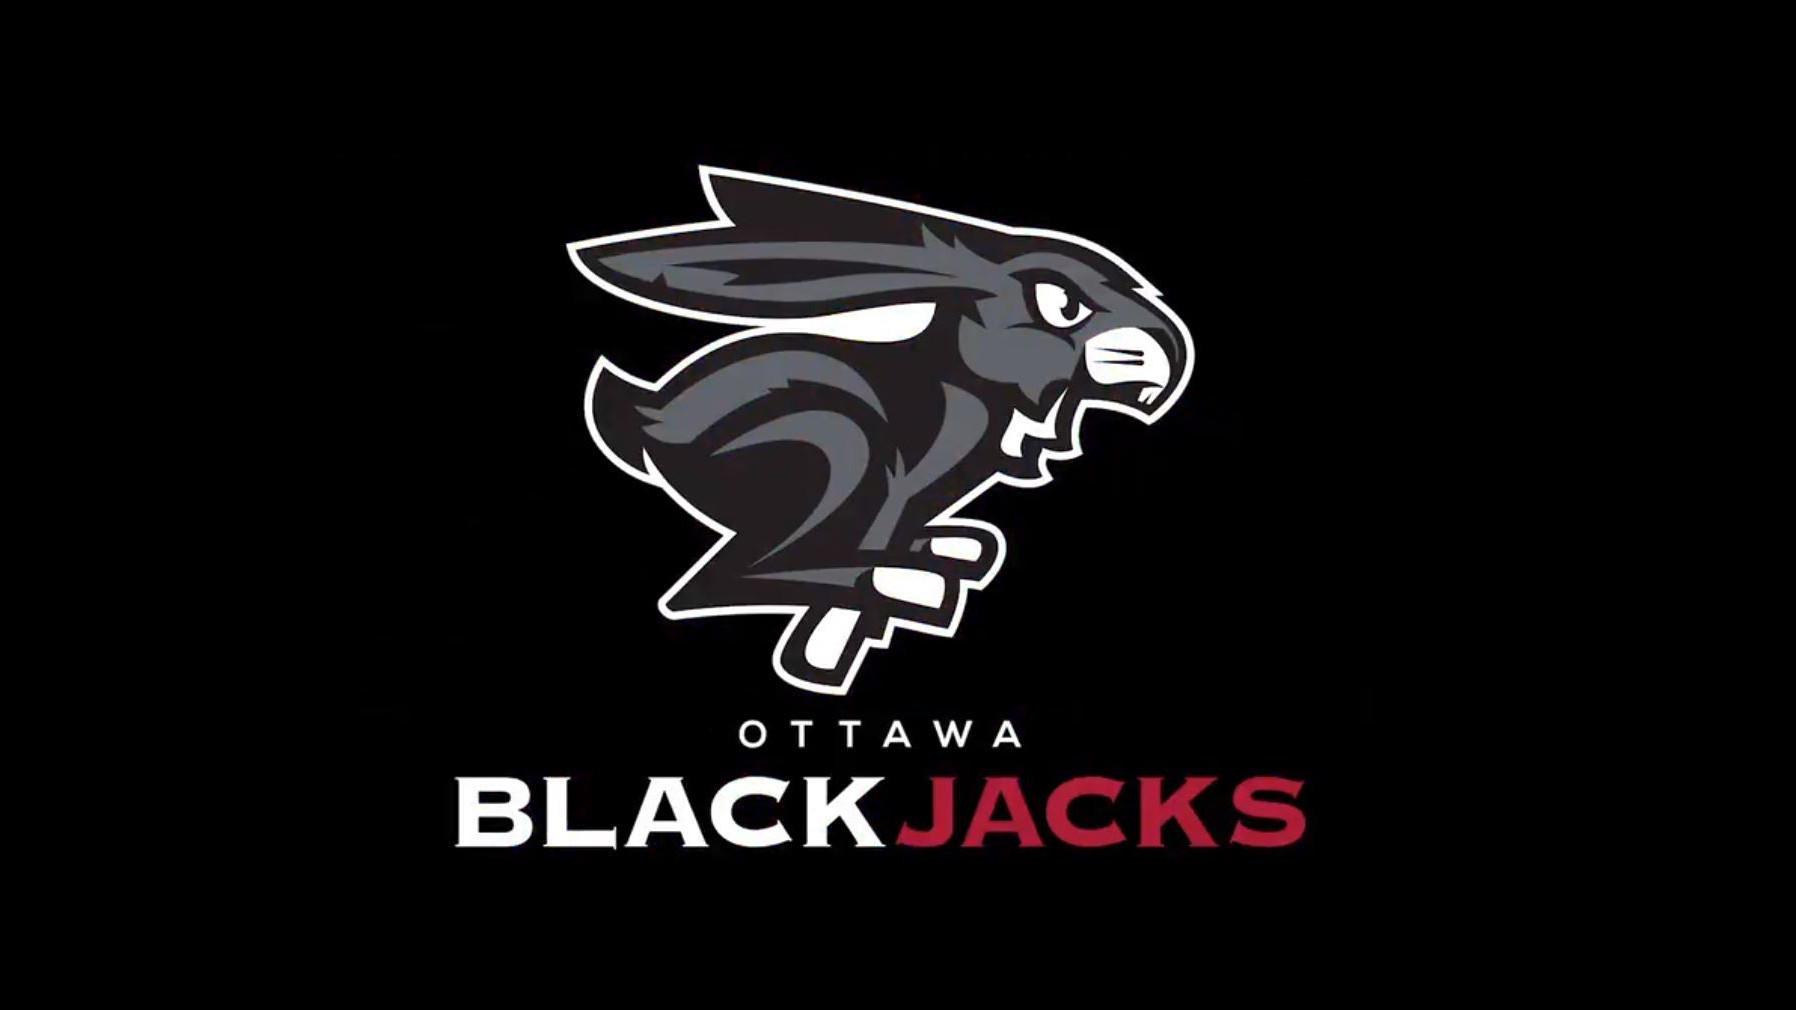 Twitter : @Ott_blackjacks